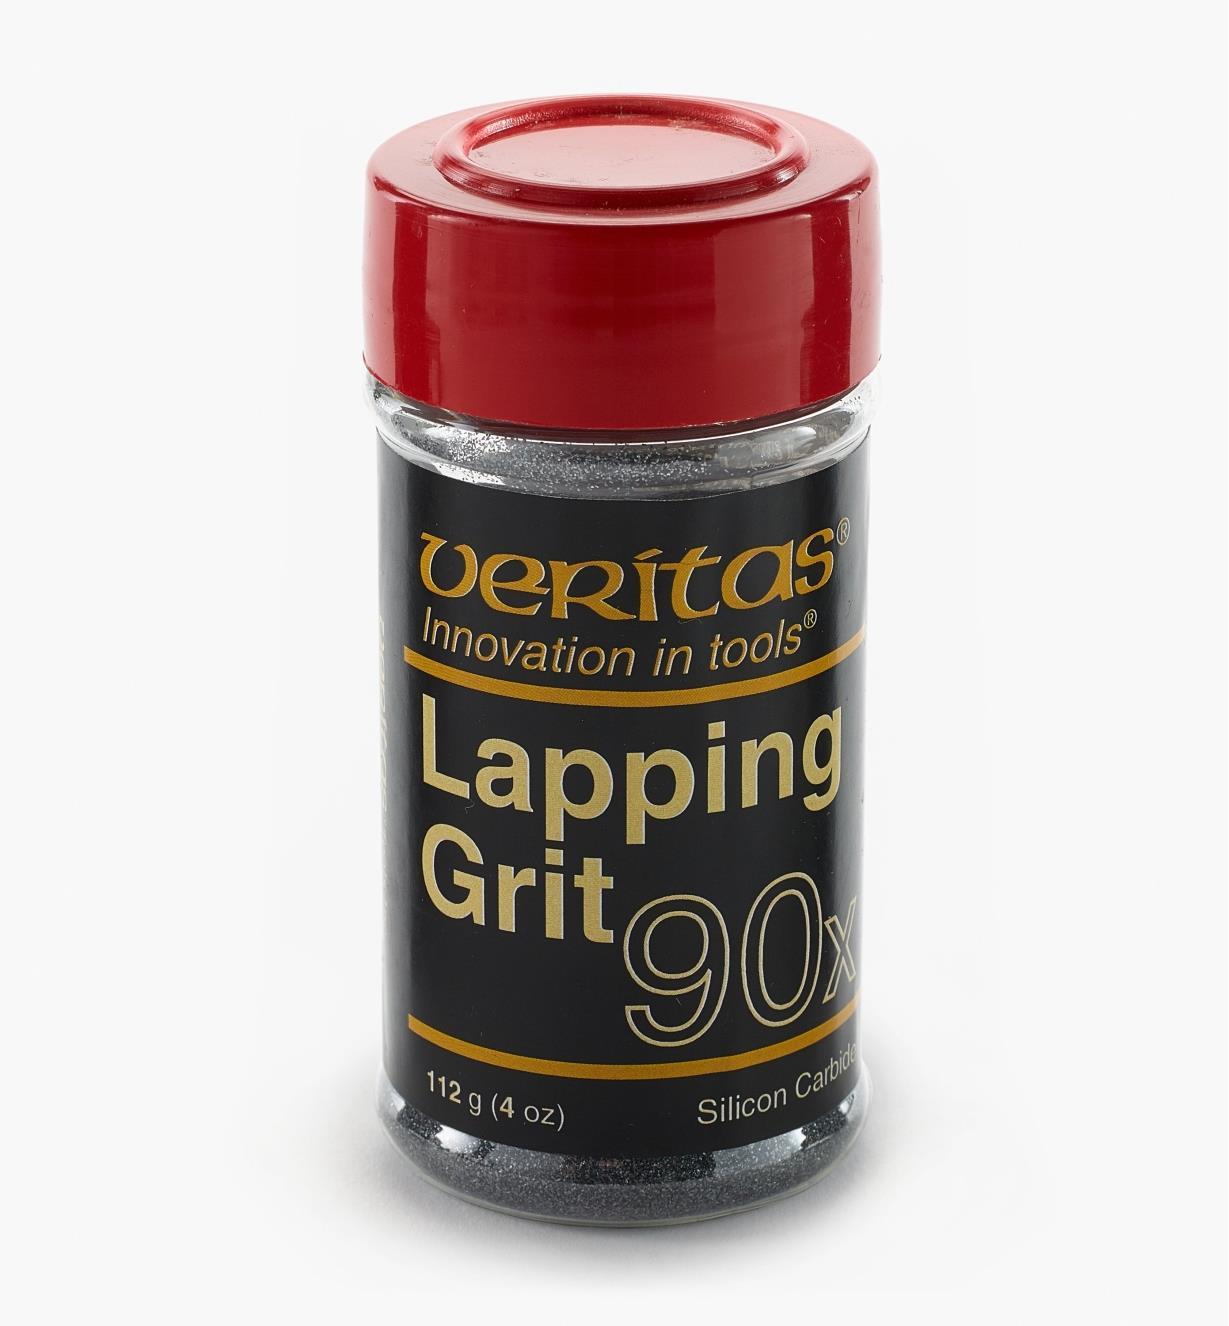 05M2401 - Abrasif de rodage de grain90, 4oz